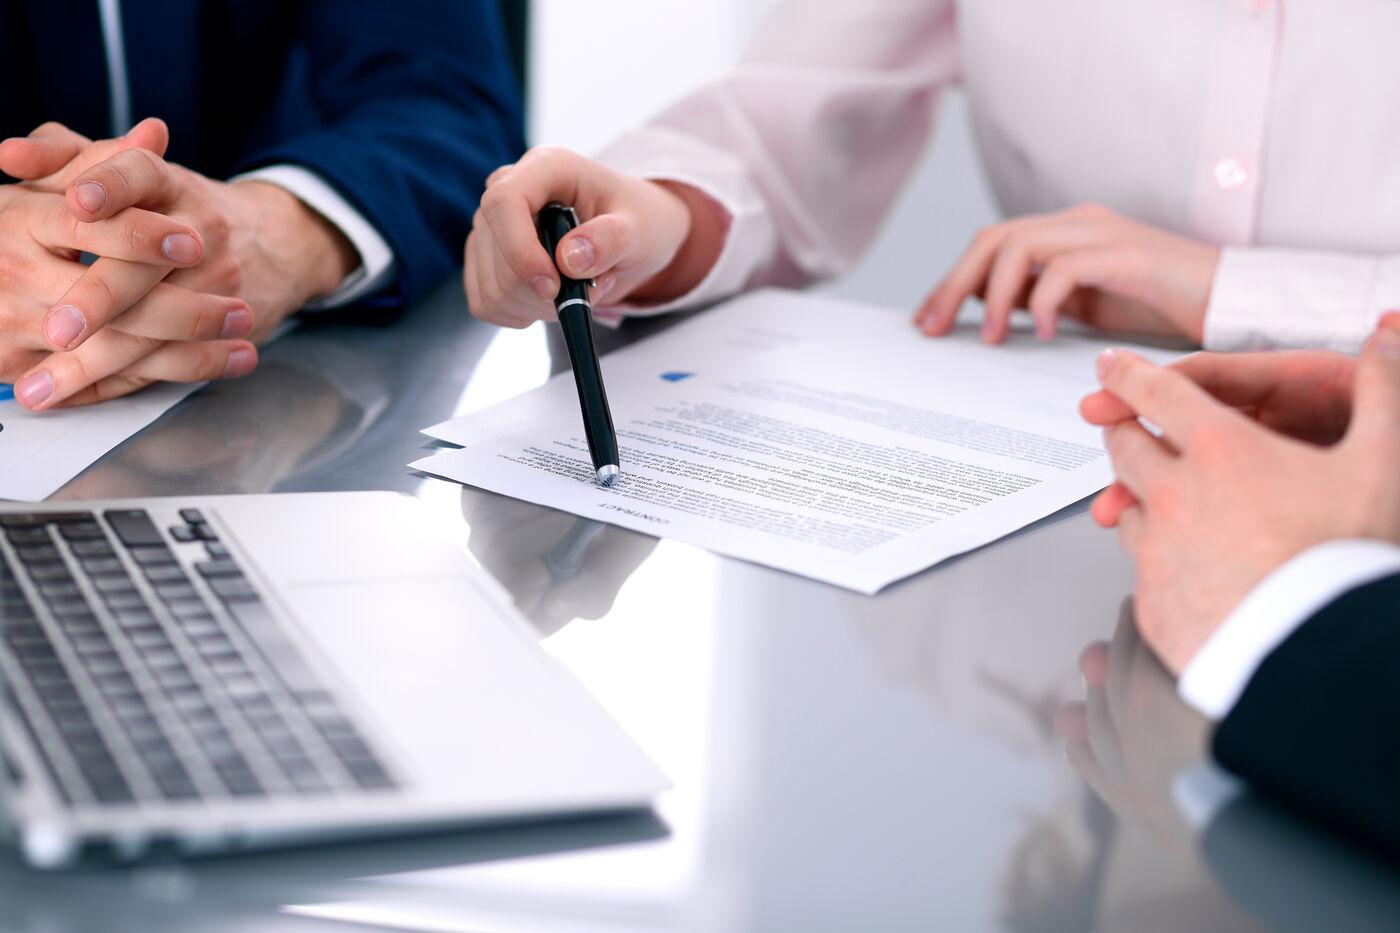 Werkstudent HR (m/w/d) - Job Hannover - Ihre Chance bei Syntellix - aktuelle Einstiegsmöglichkeiten